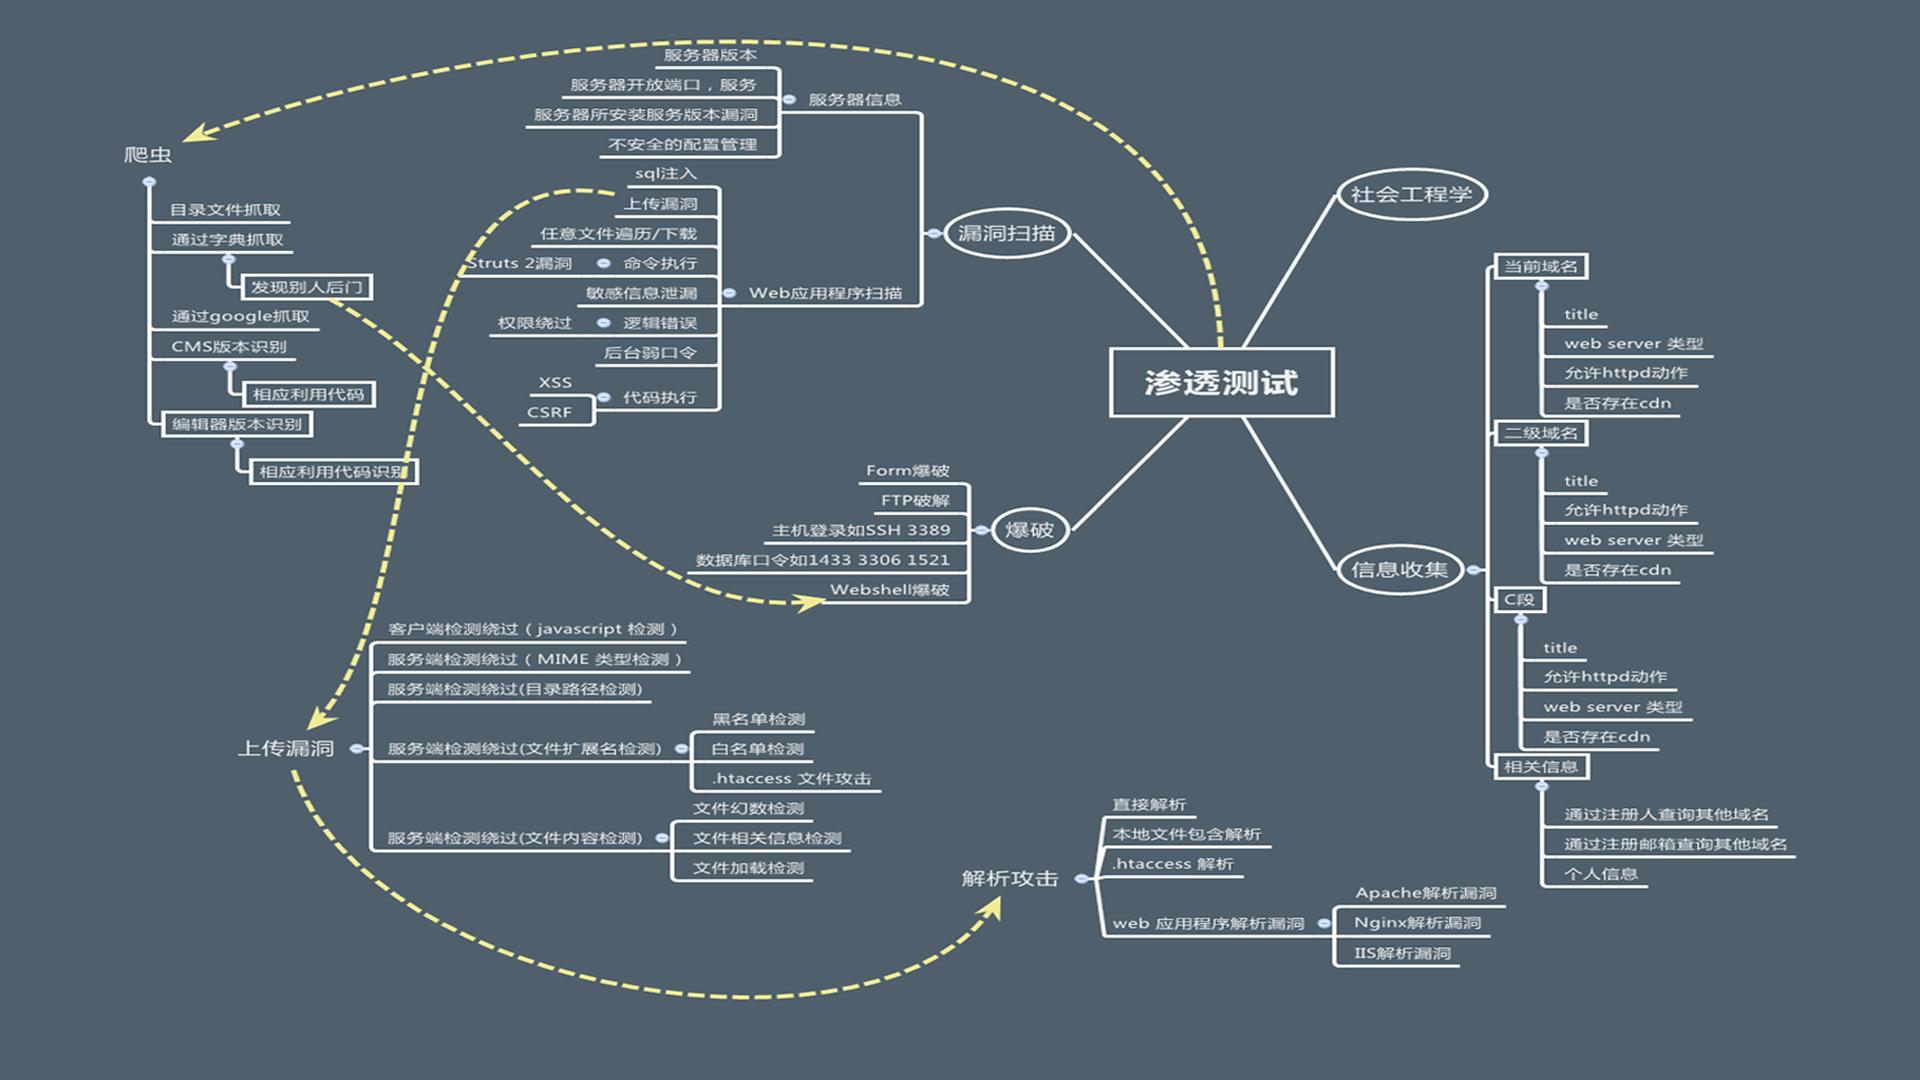 渗透测试背景图.jpg